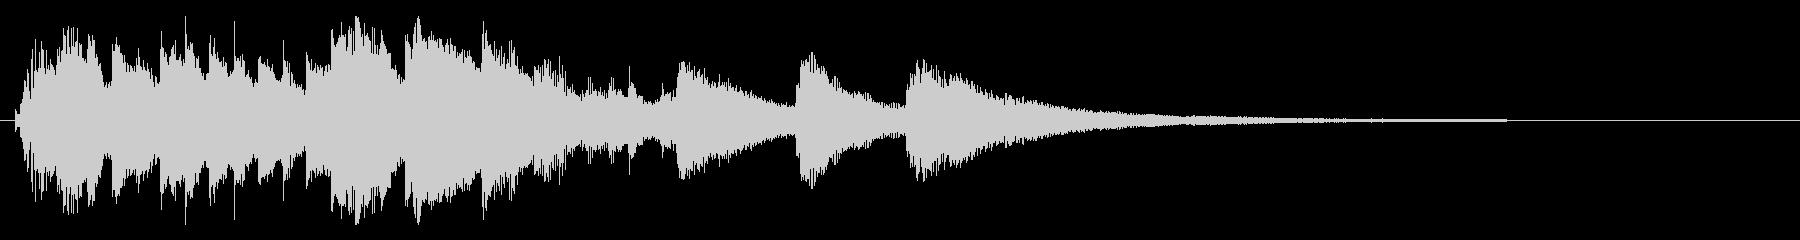 キラキラピアノジングルの未再生の波形